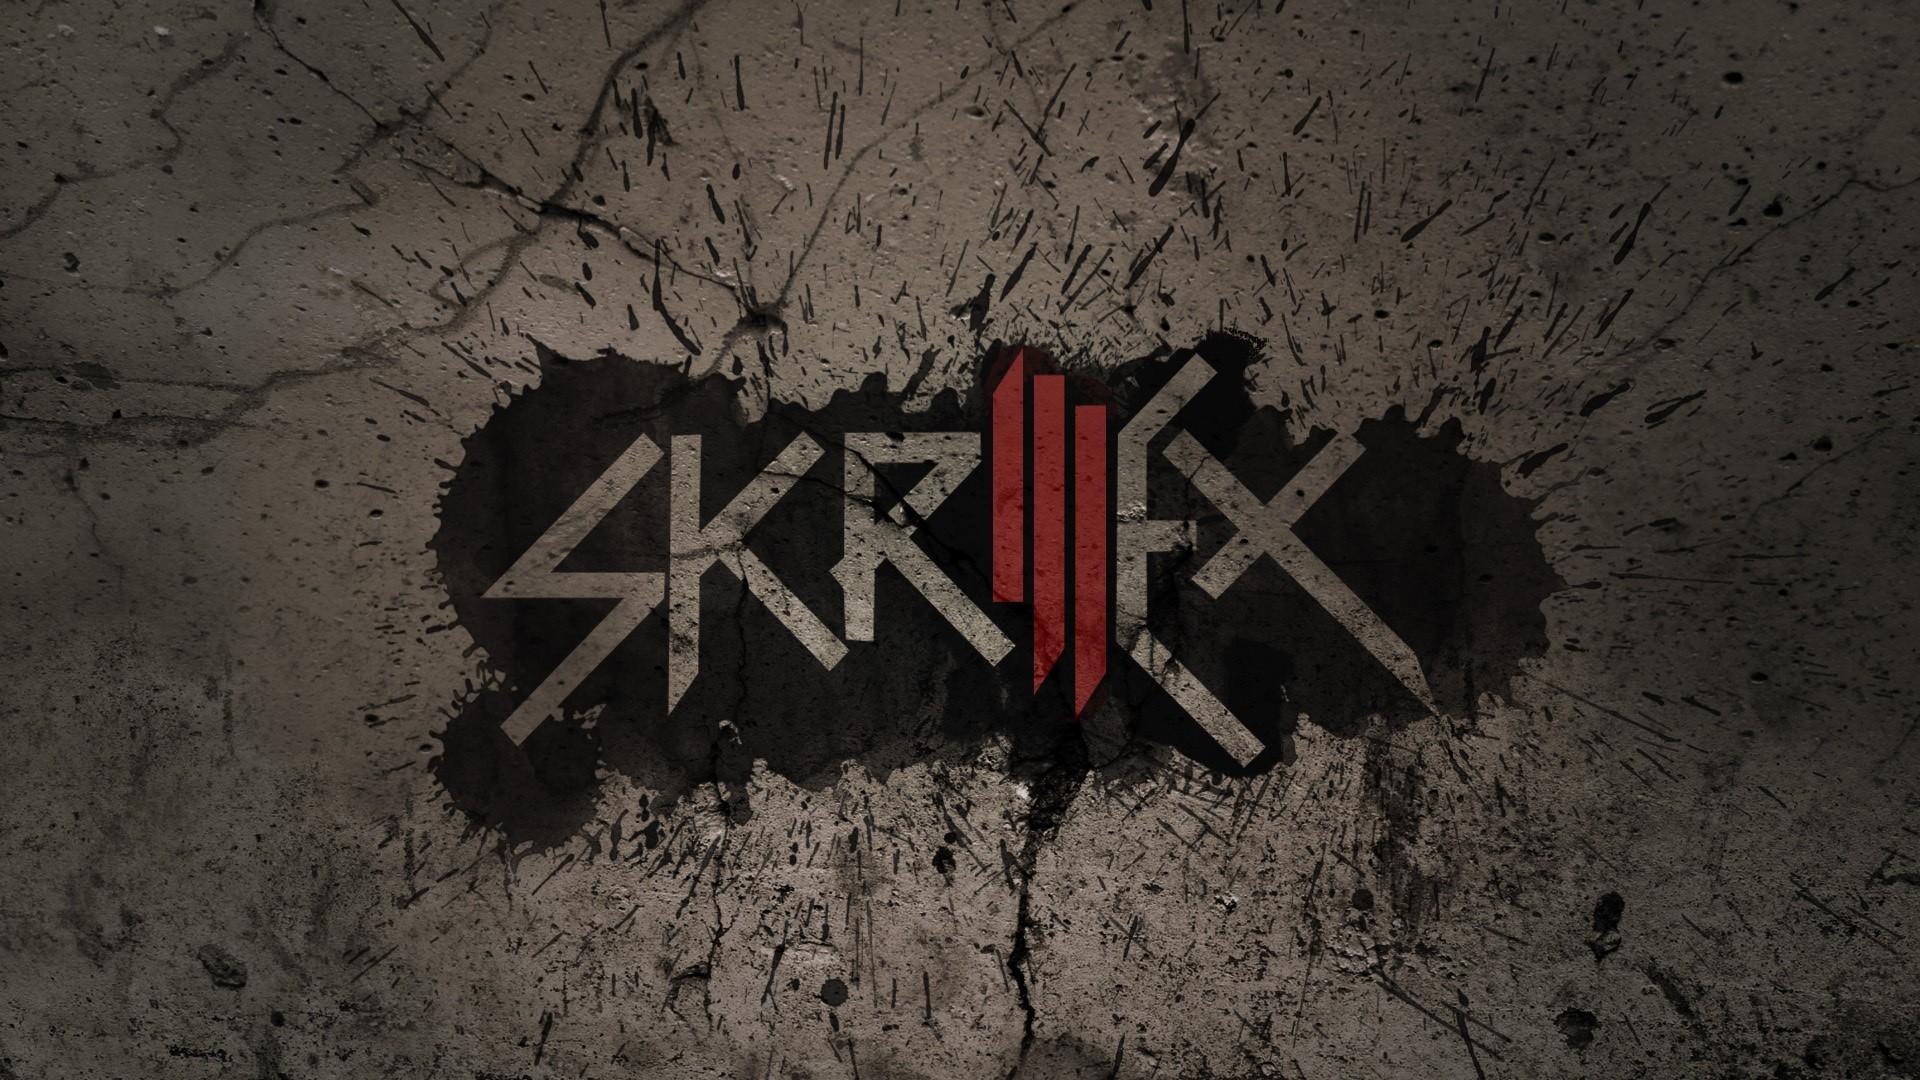 Skrillex Wallpaper FunDJStuffcom